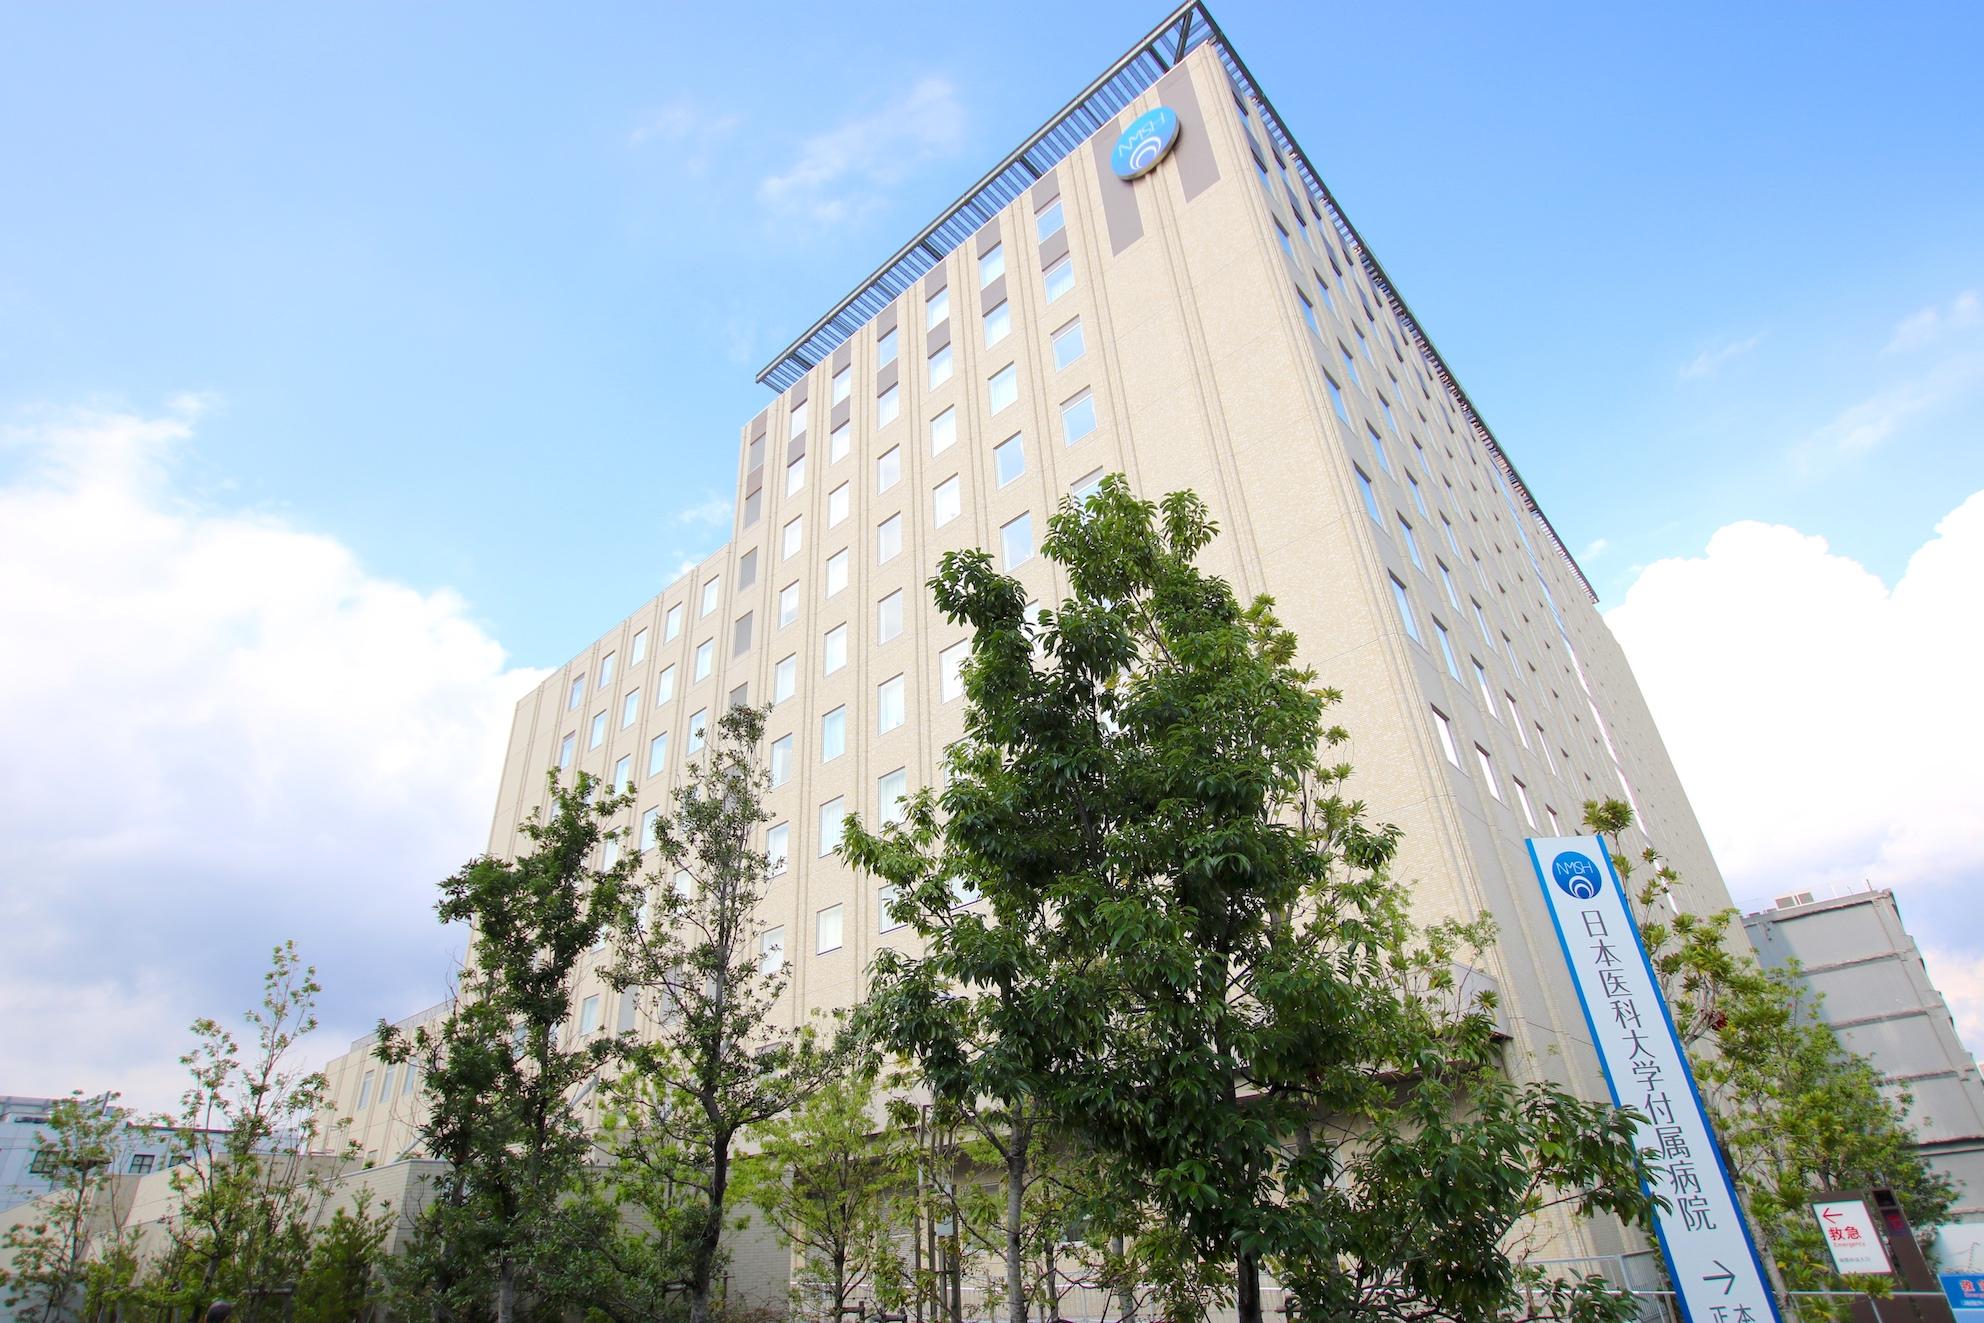 日本医科大学付属病院で薬剤や物品の運搬業務